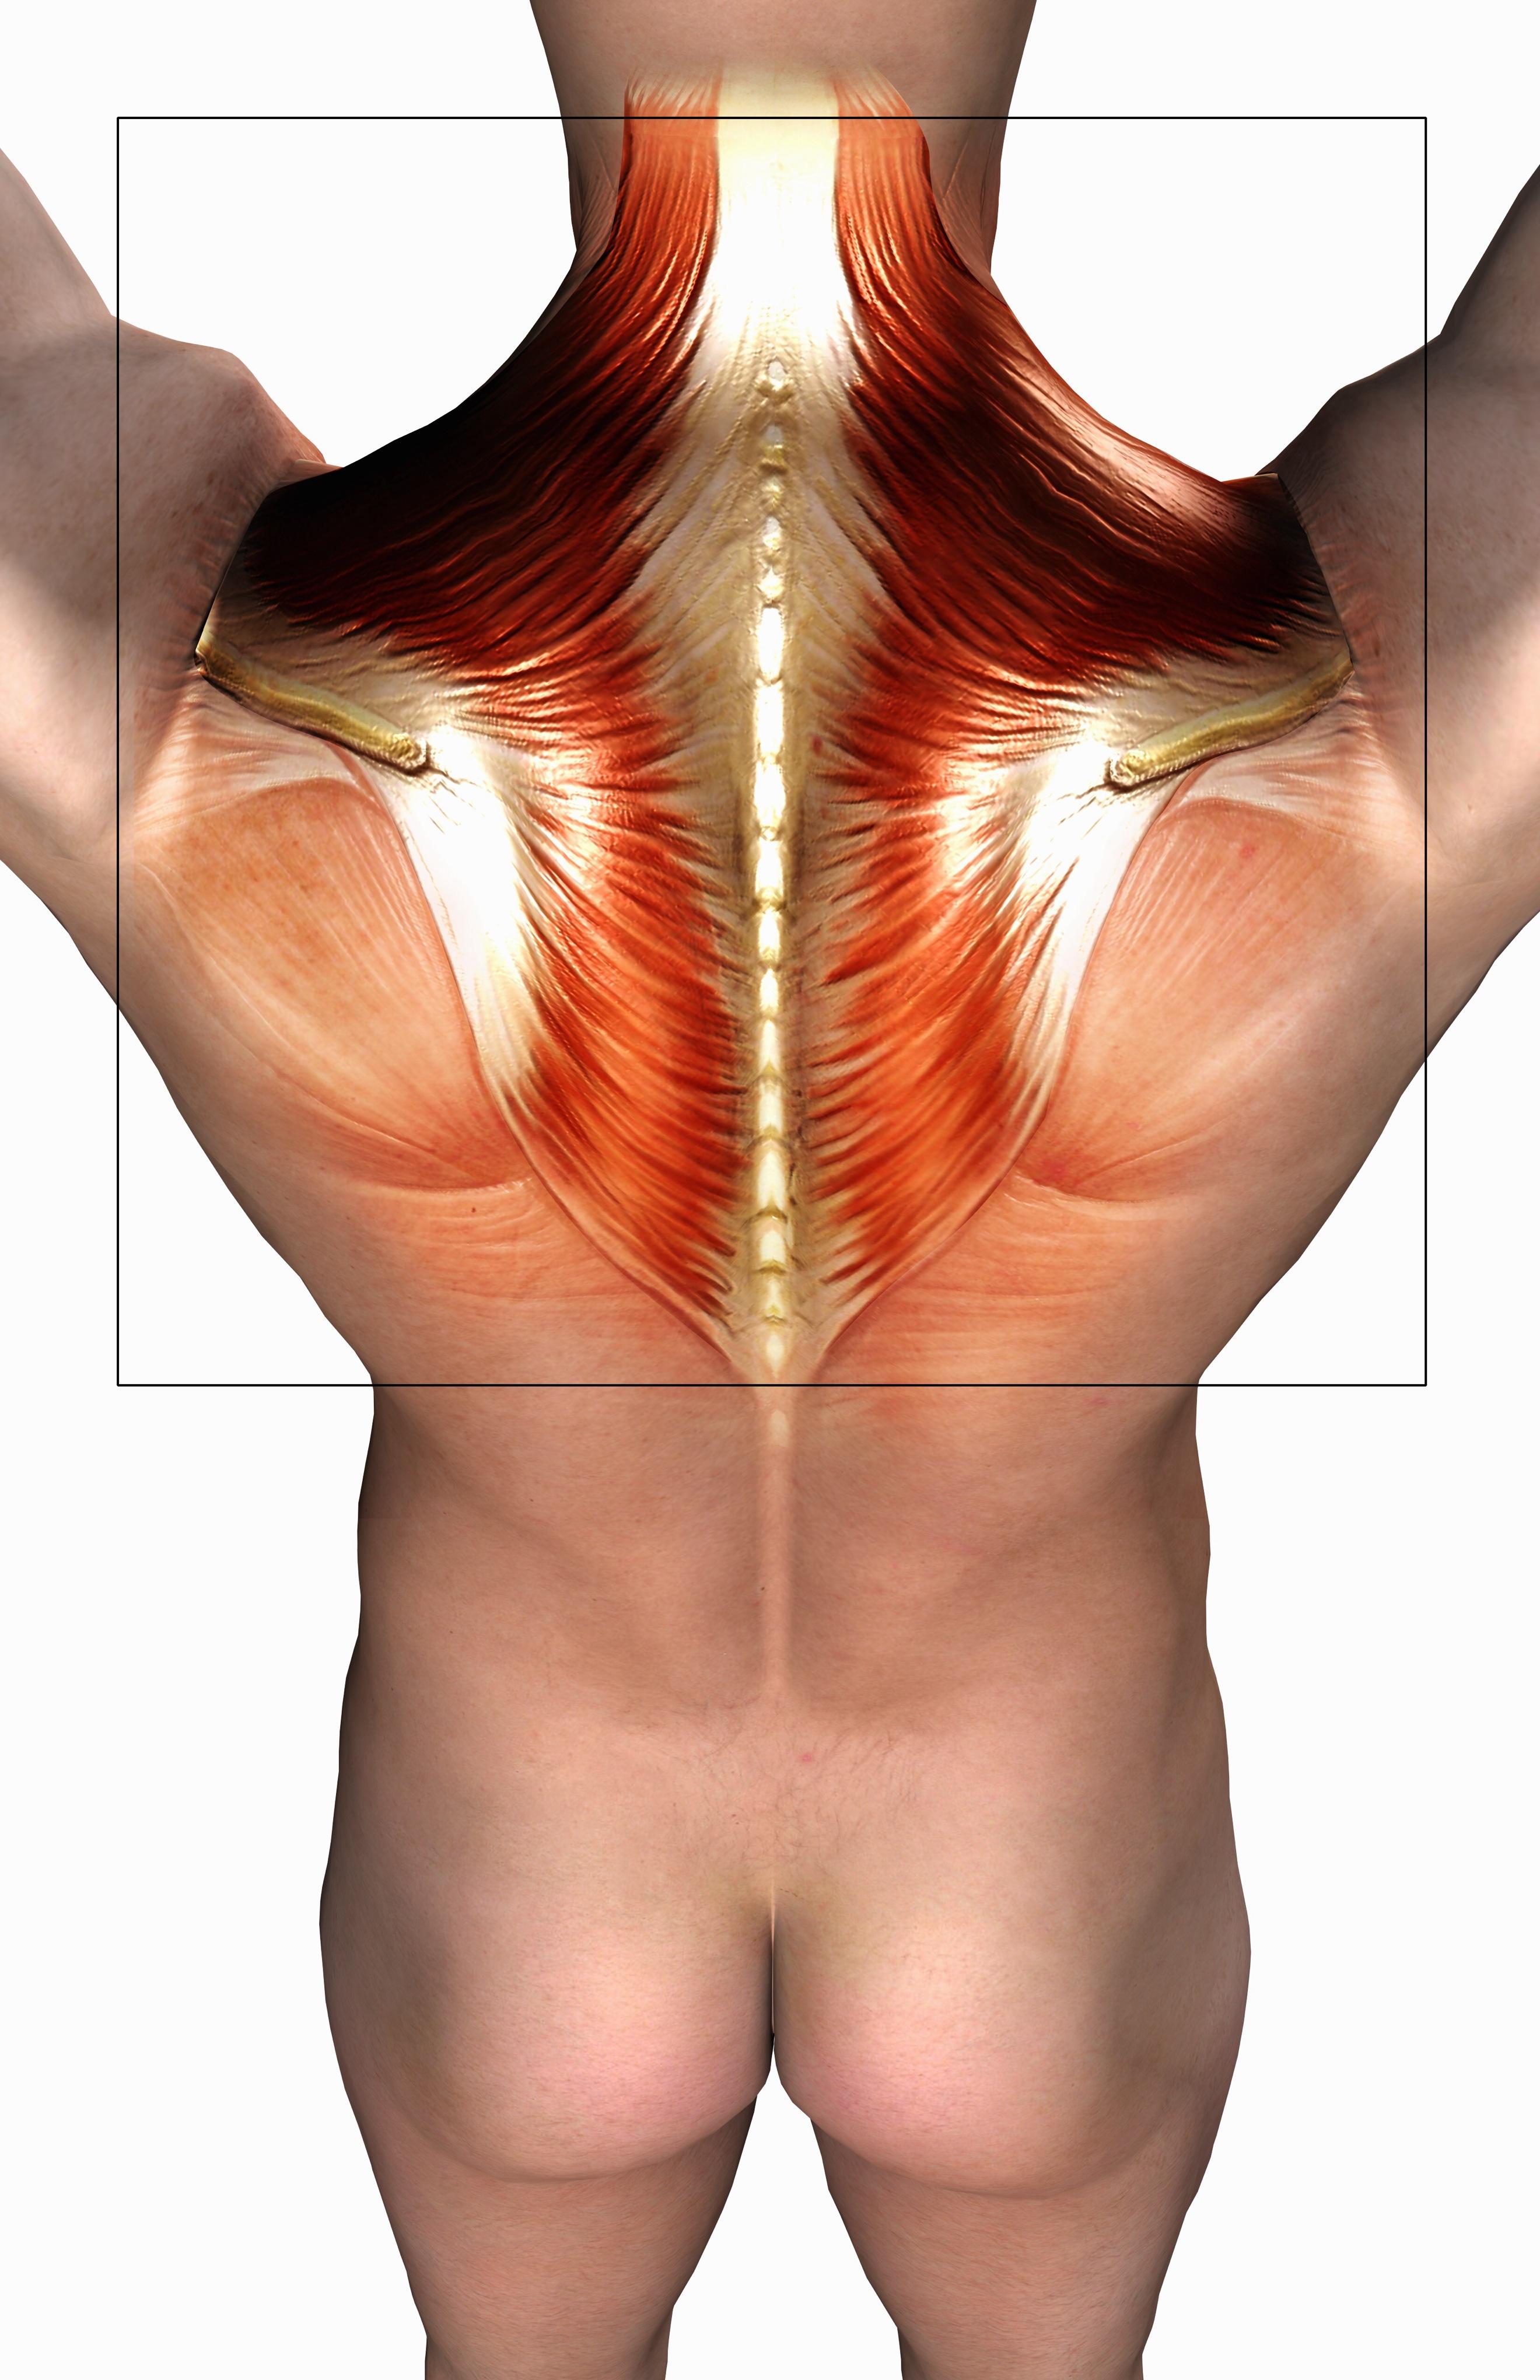 El deficit de DAO provoca contracturas musculares, especialmente en los trapecios